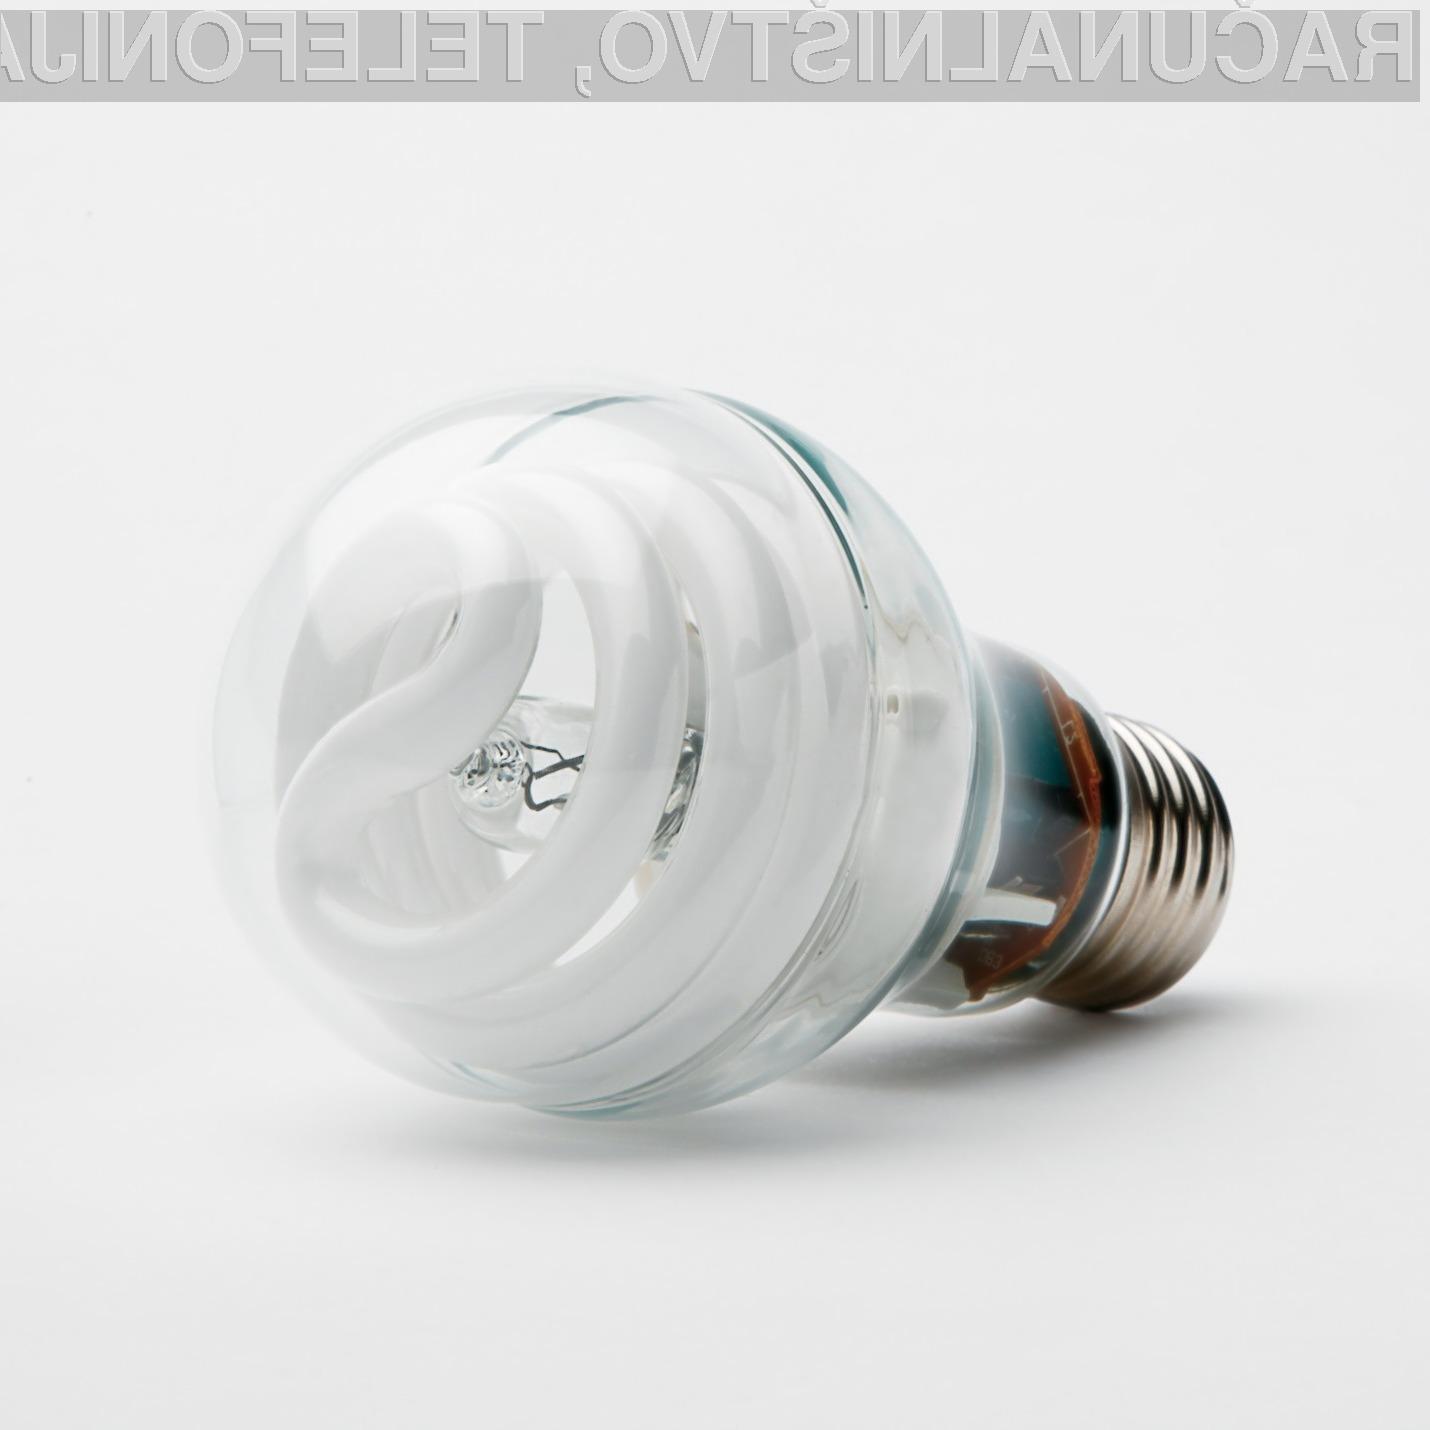 Hibridna varčna sijalka podjetja General Electric doseže polno svetilnost v pičle pol sekunde!